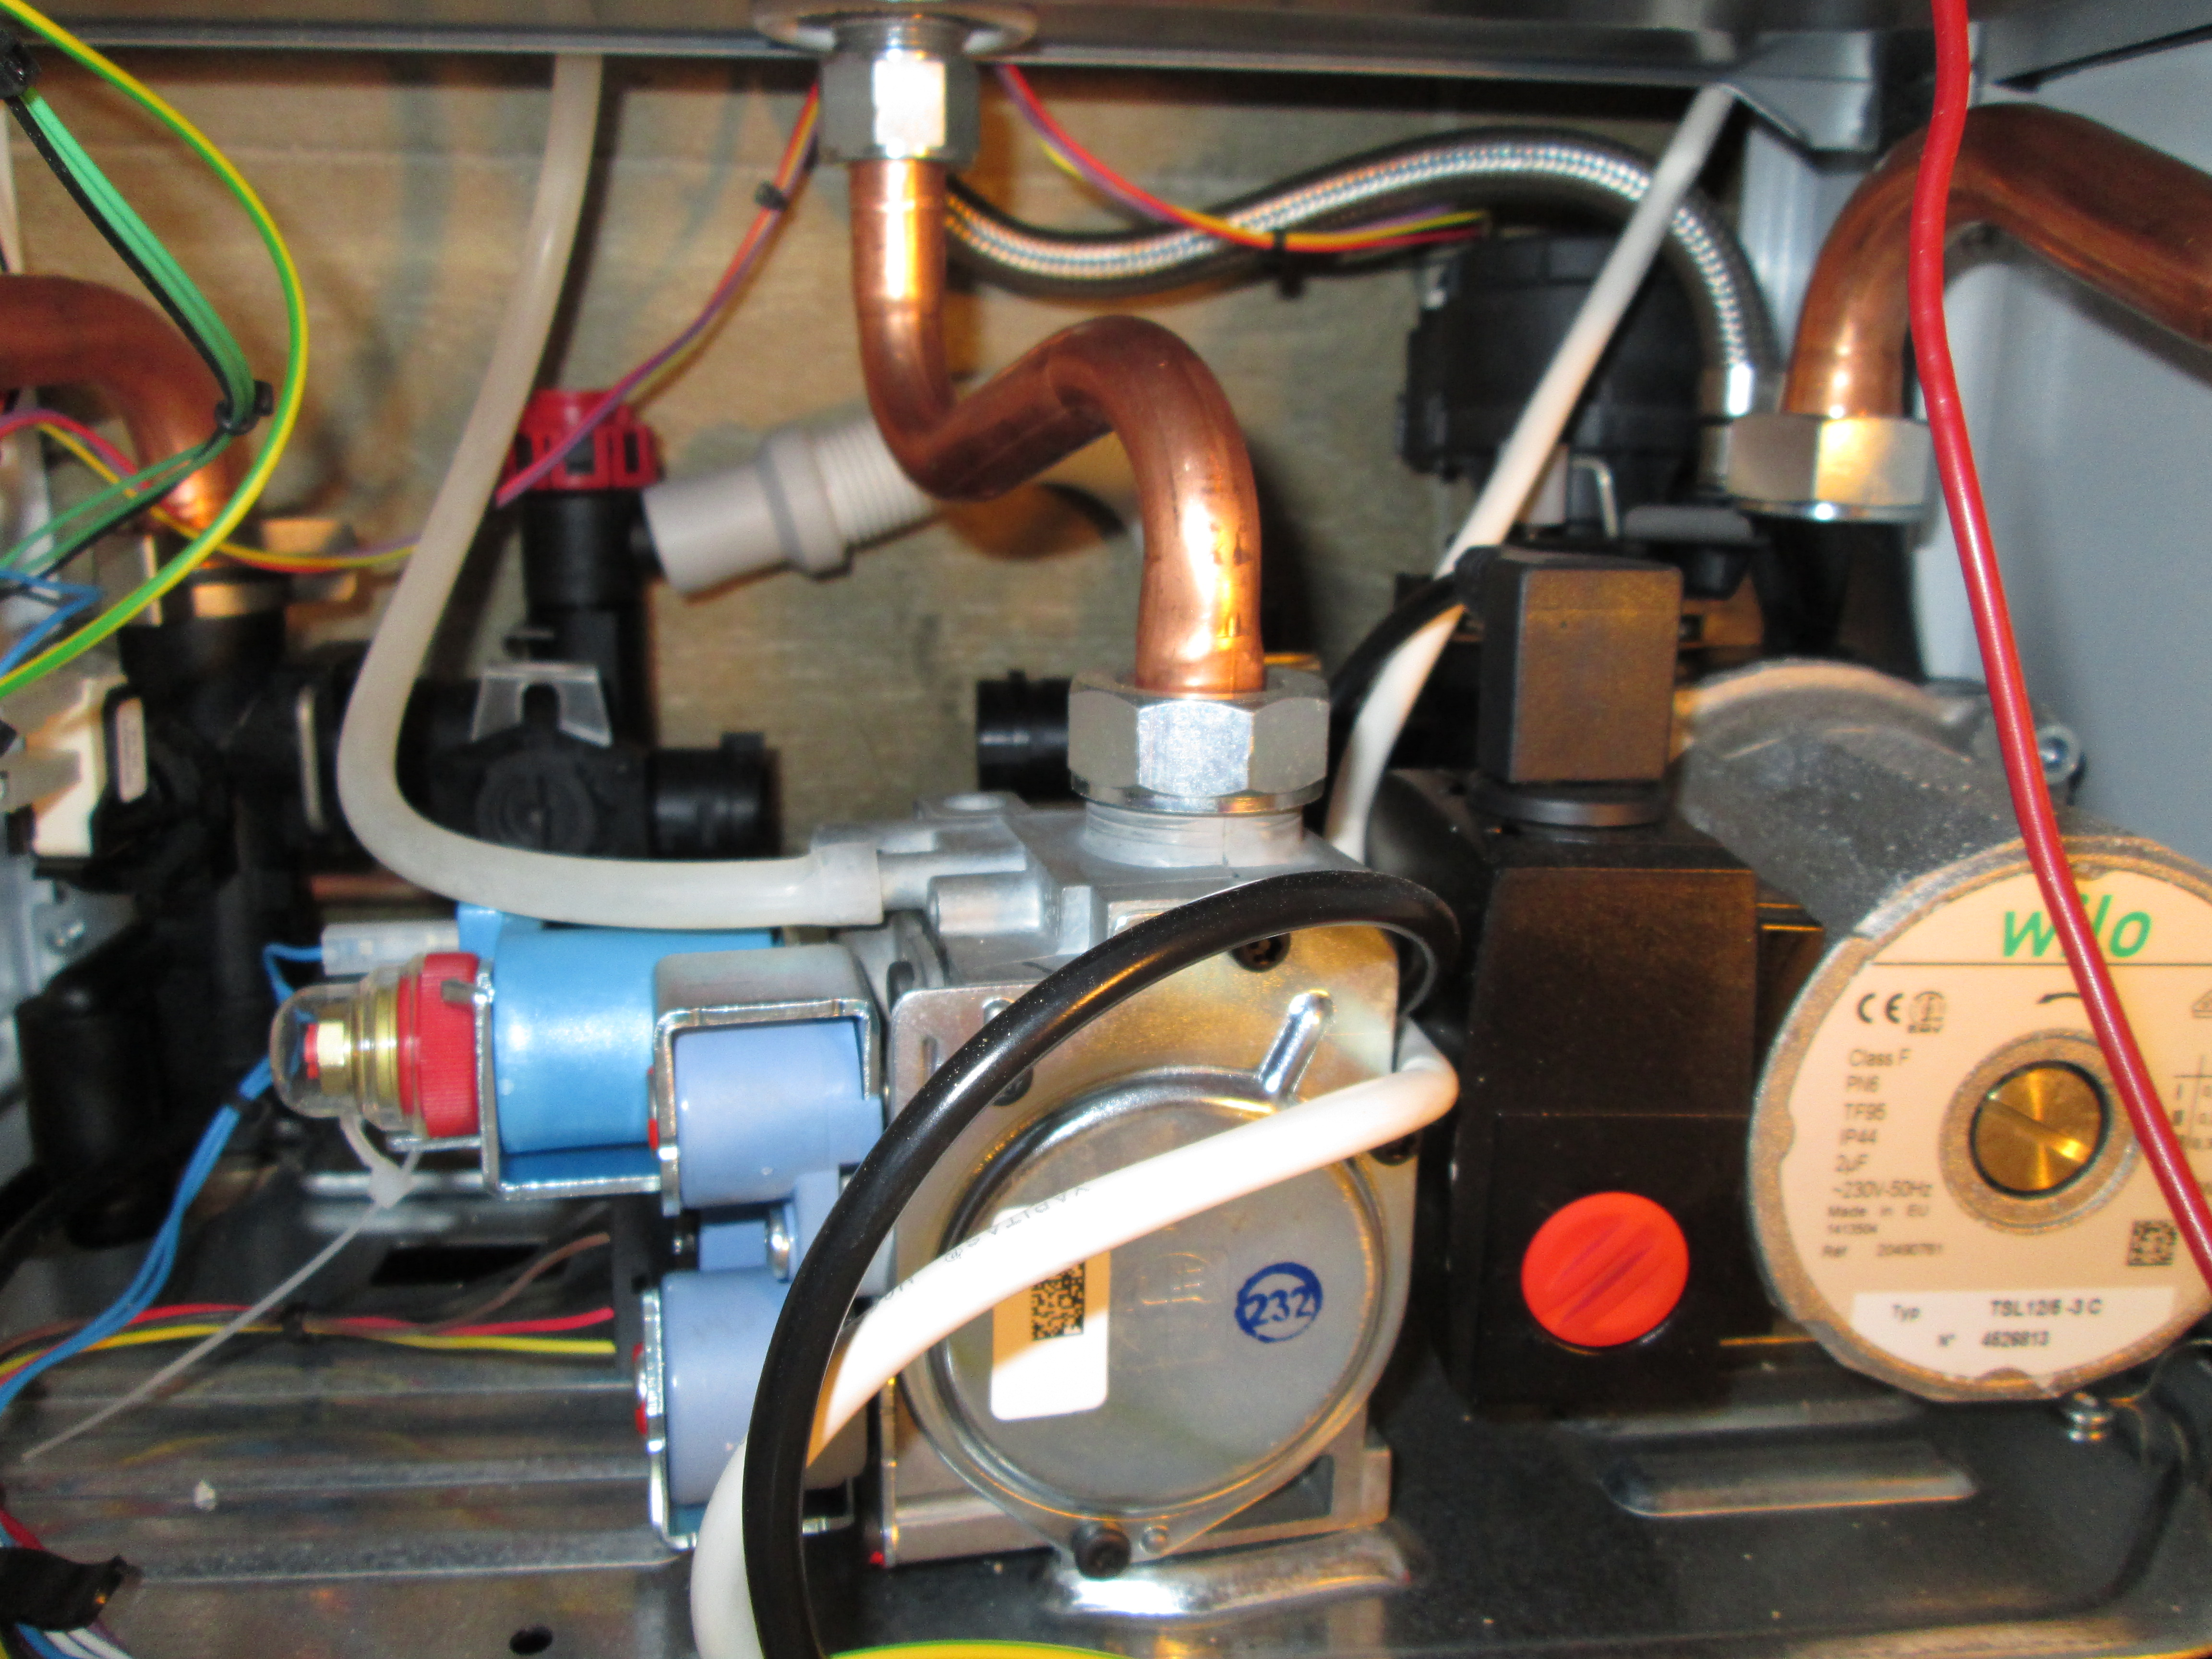 Неисправности газового котла: не набирает температуру, часто включается